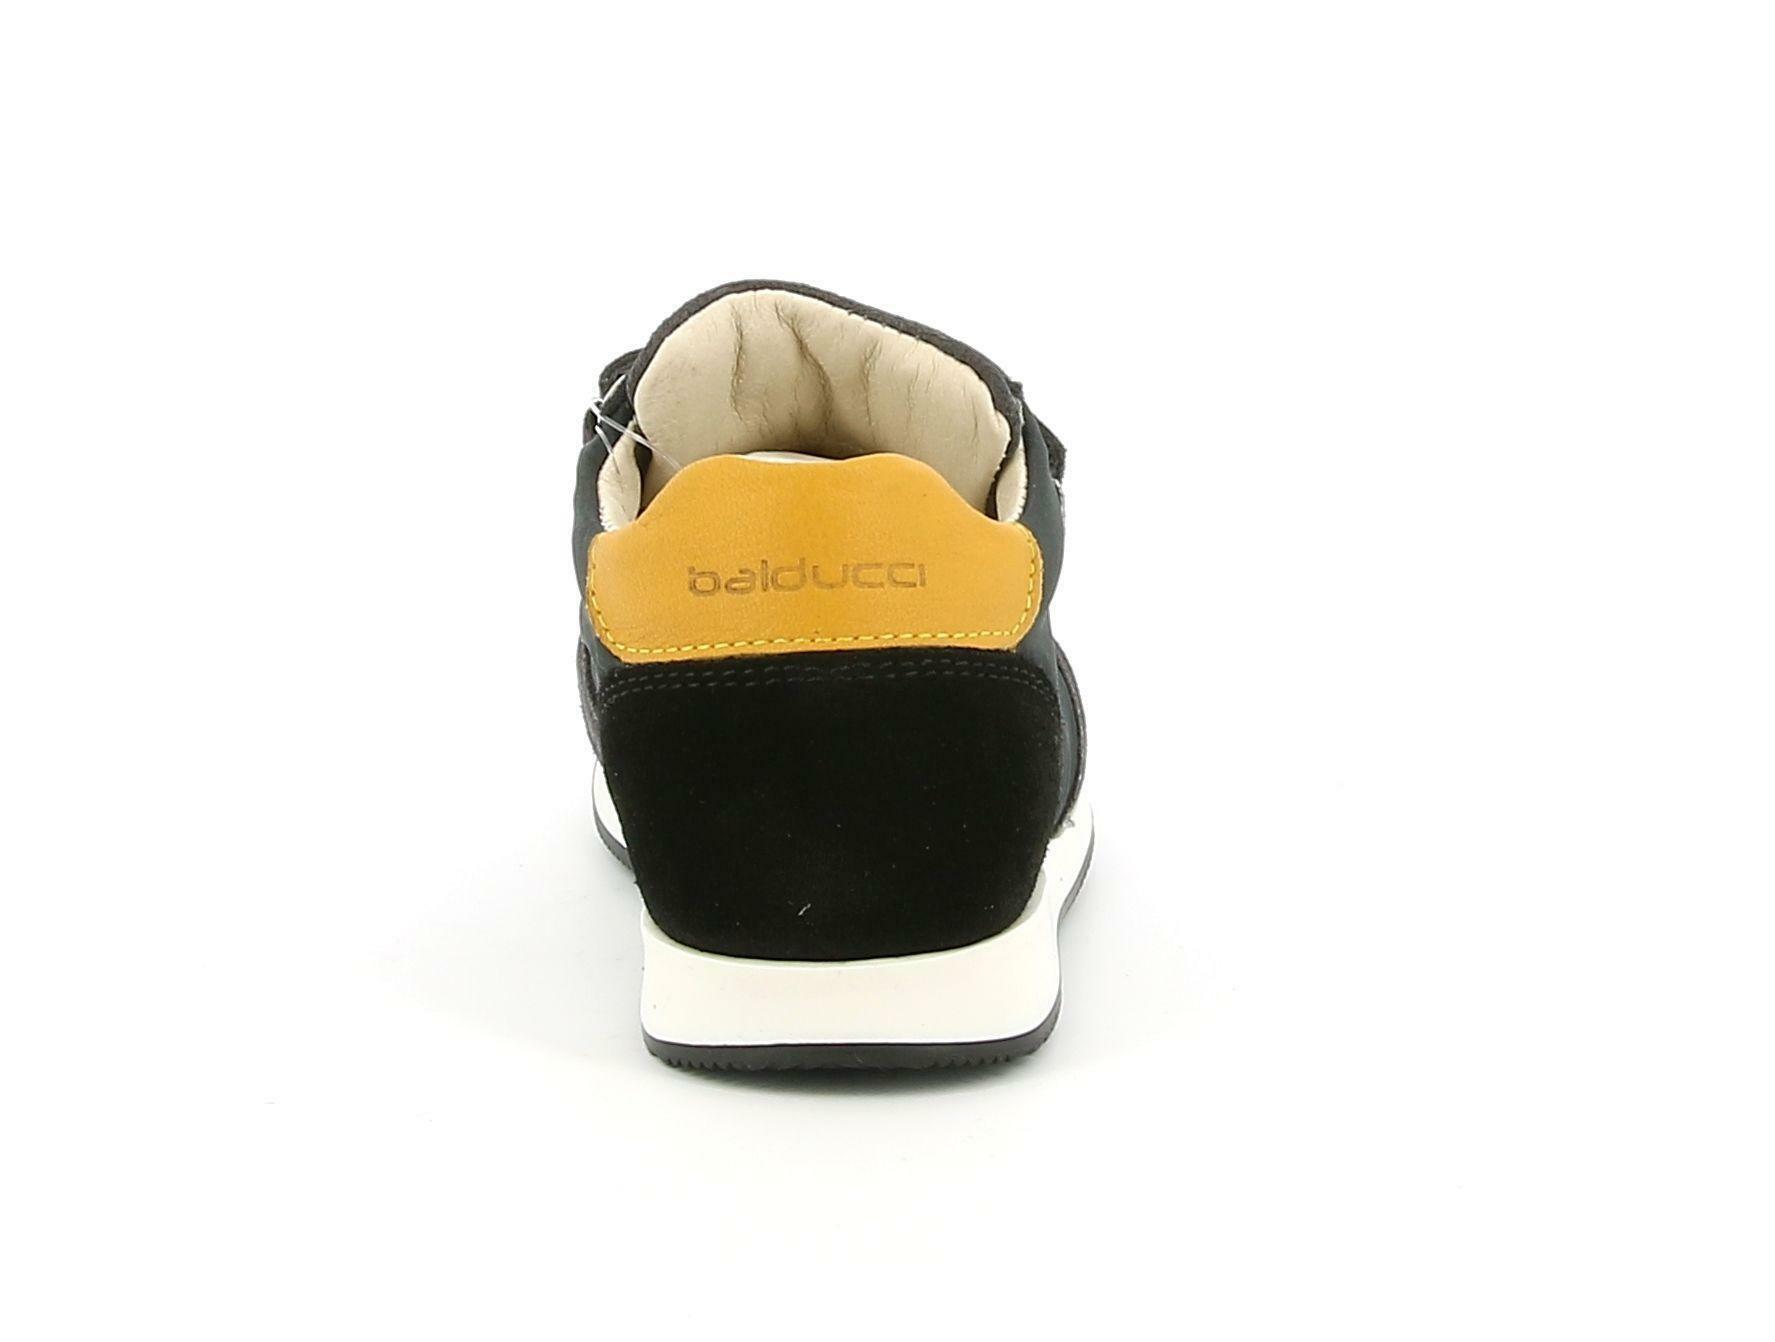 balducci balducci strappo sportivo csport4350 grigio/giallo scarpe sportive